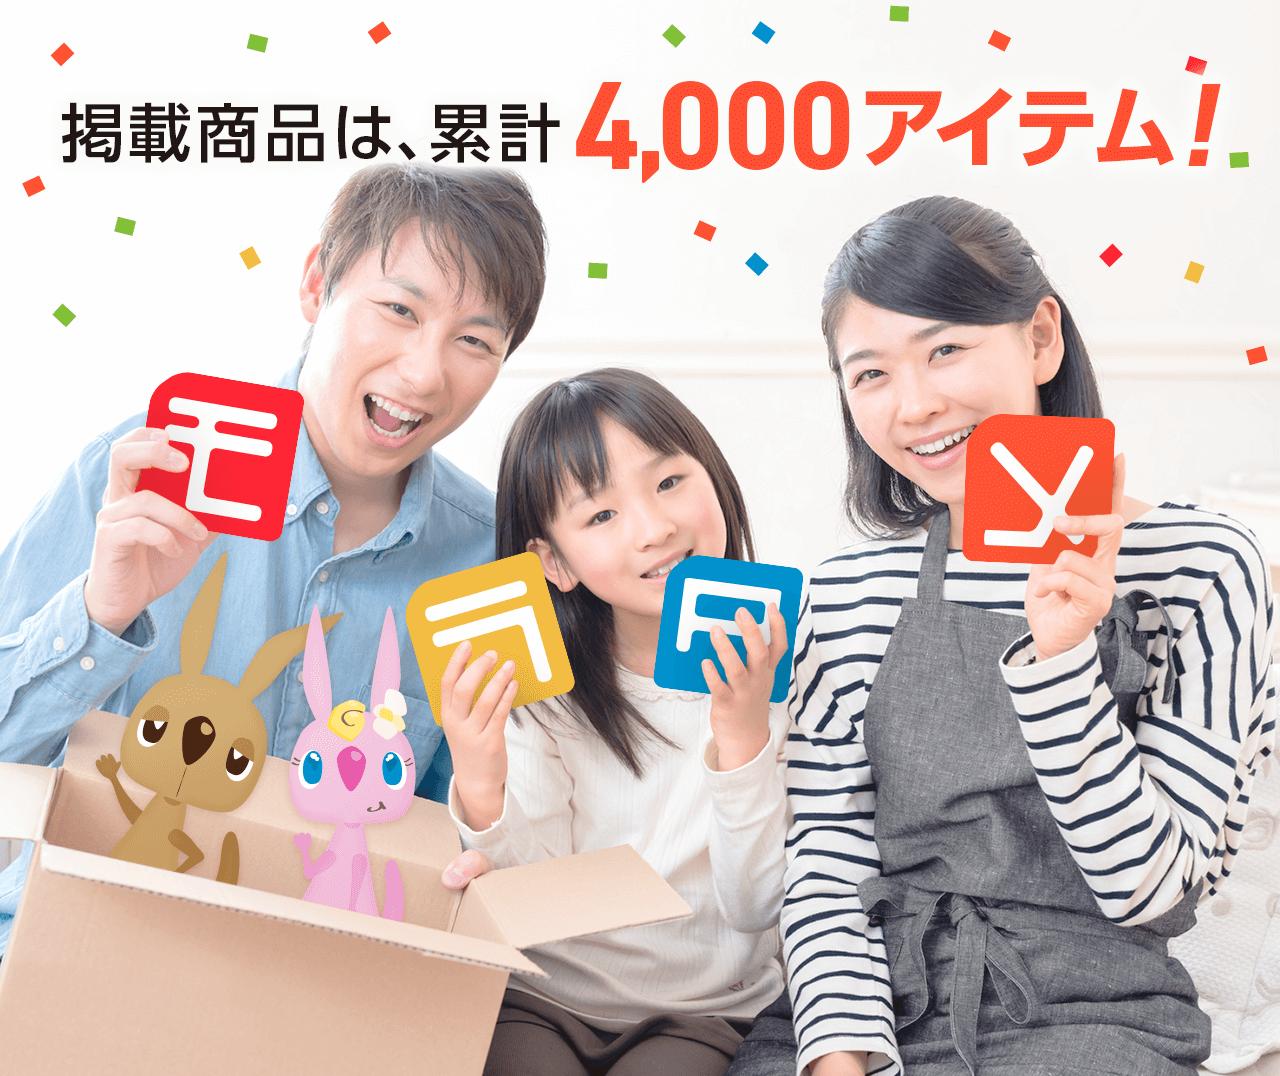 掲載商品は、累計4,000アイテム!